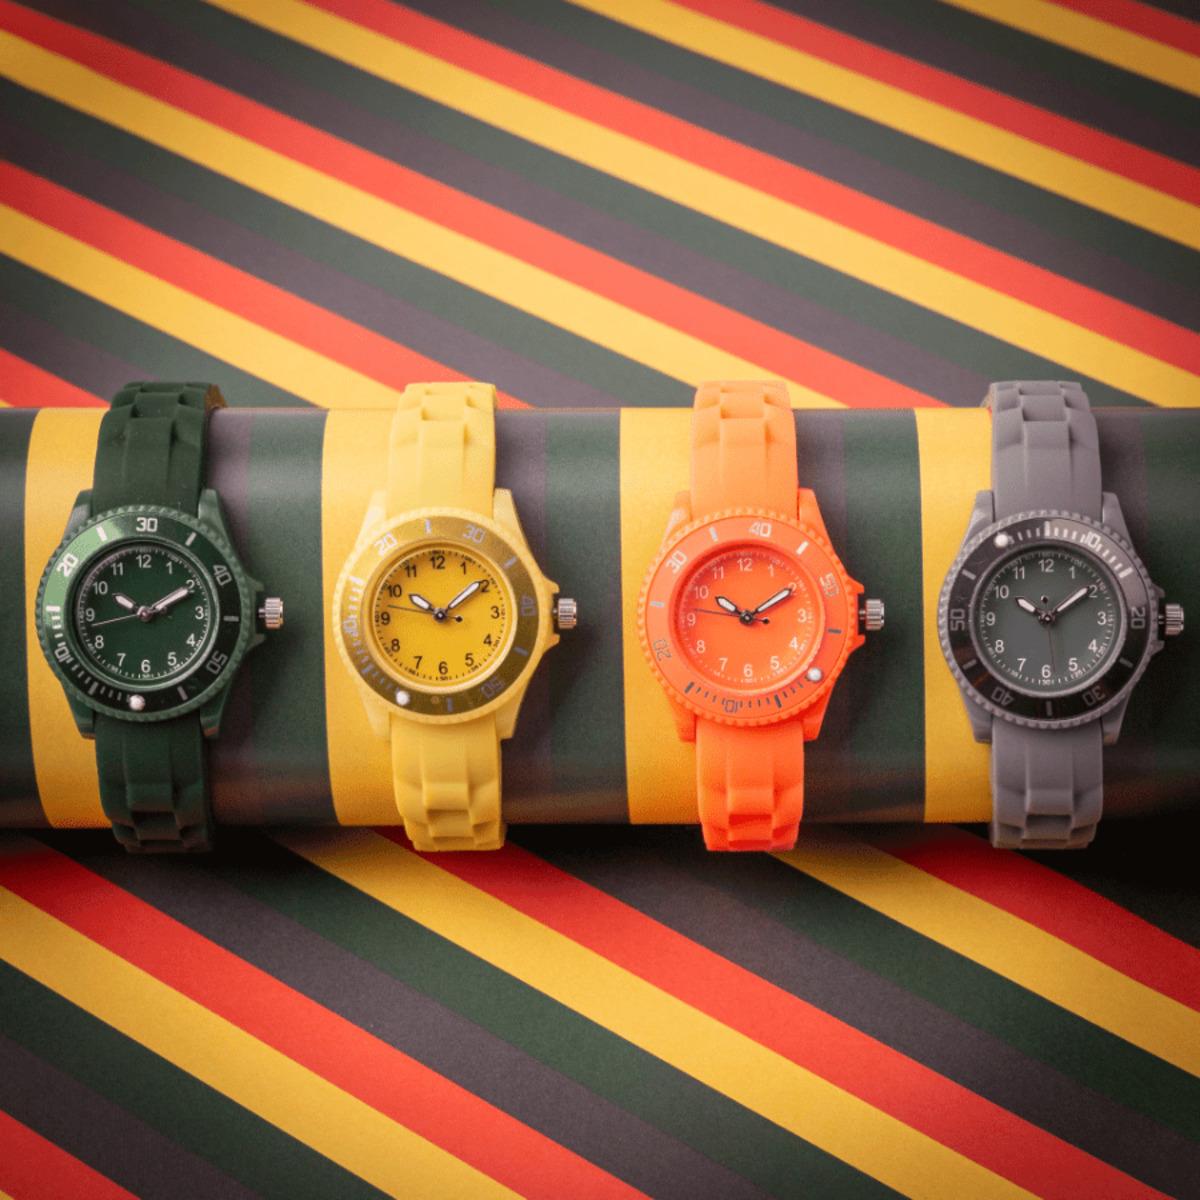 Bild 3 von KRONTALER     Mini-Colourwatch